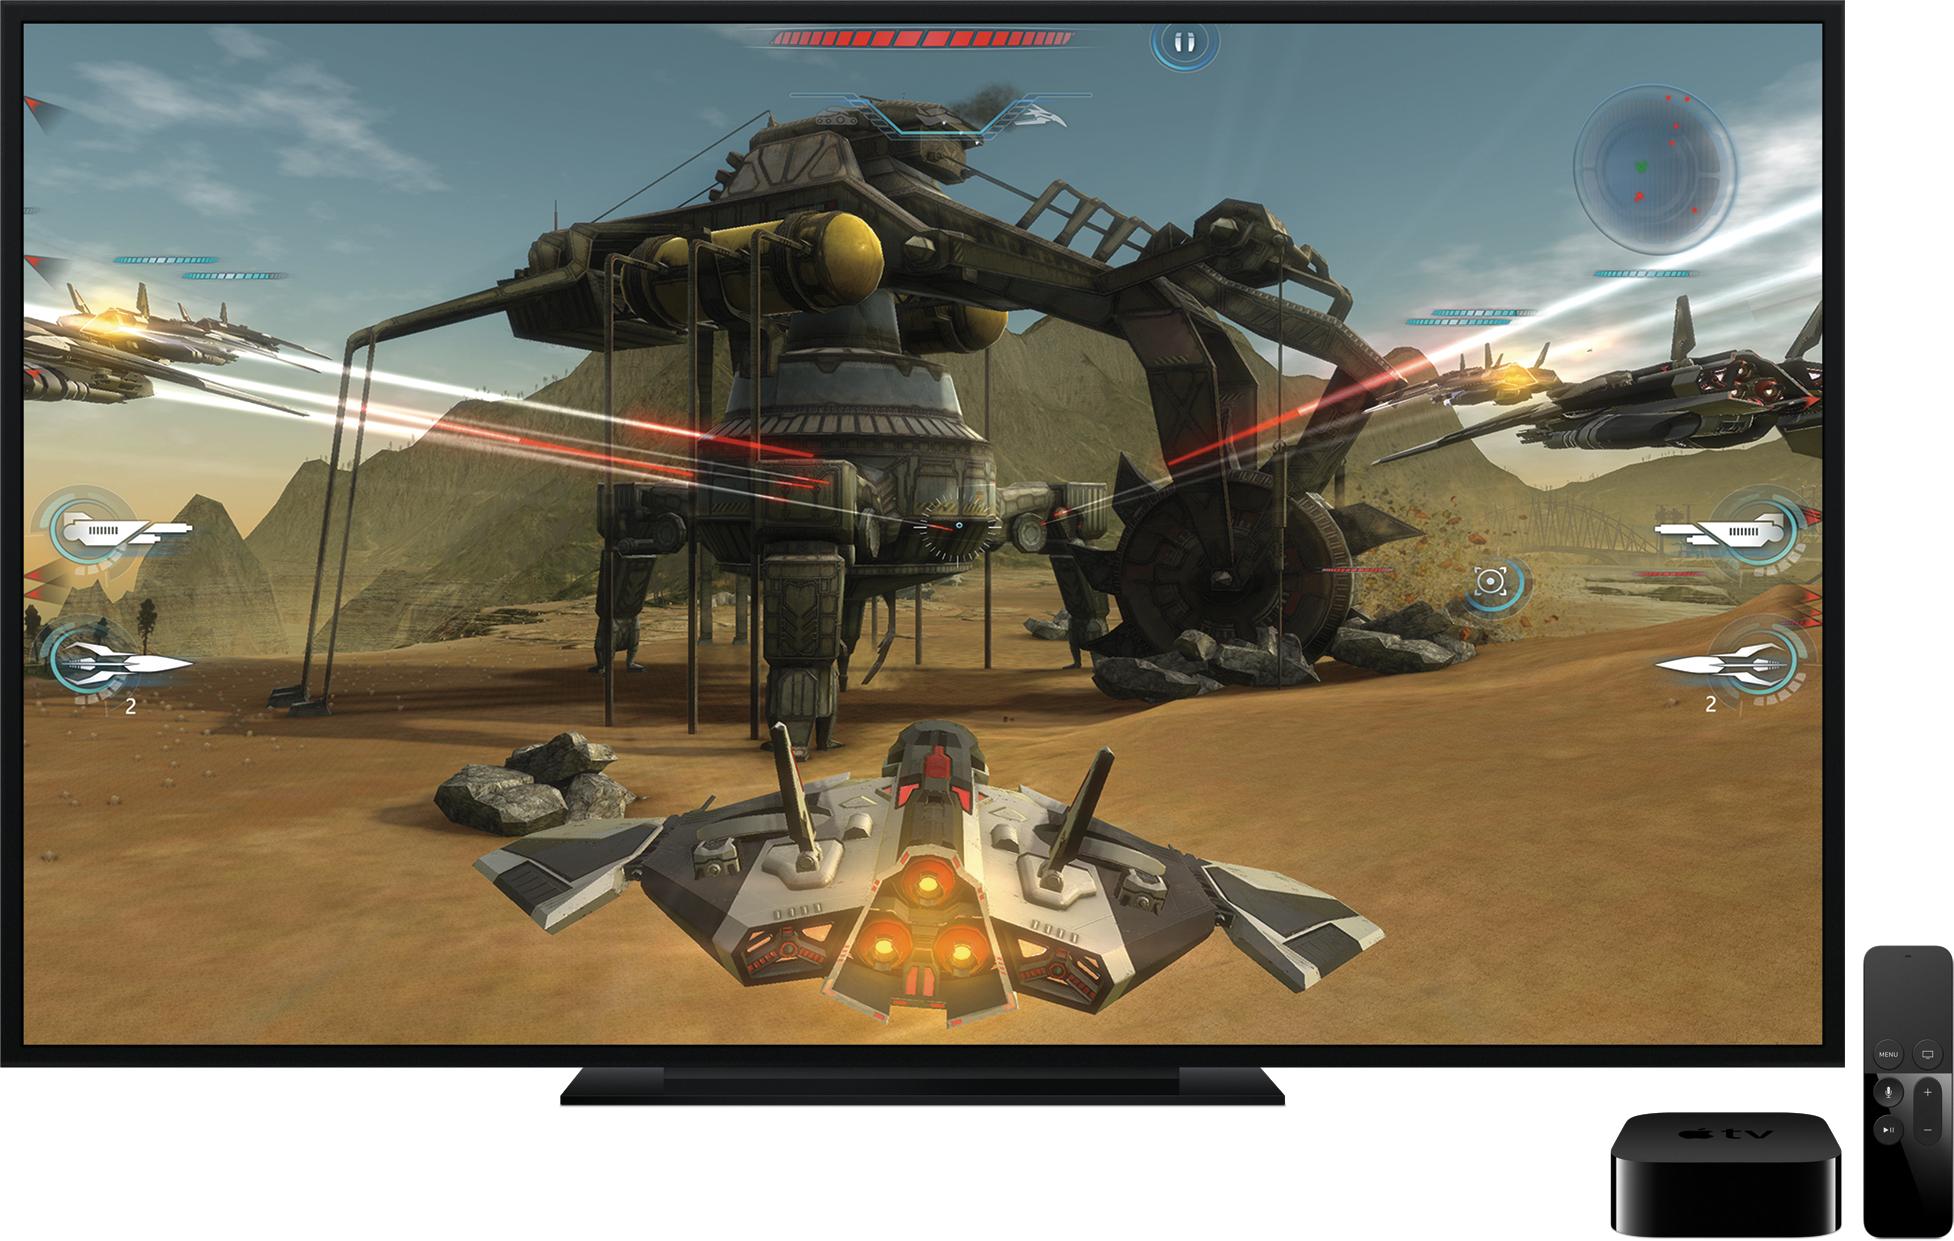 Jogo na televisão ao lado da nova Apple TV e do controle remoto